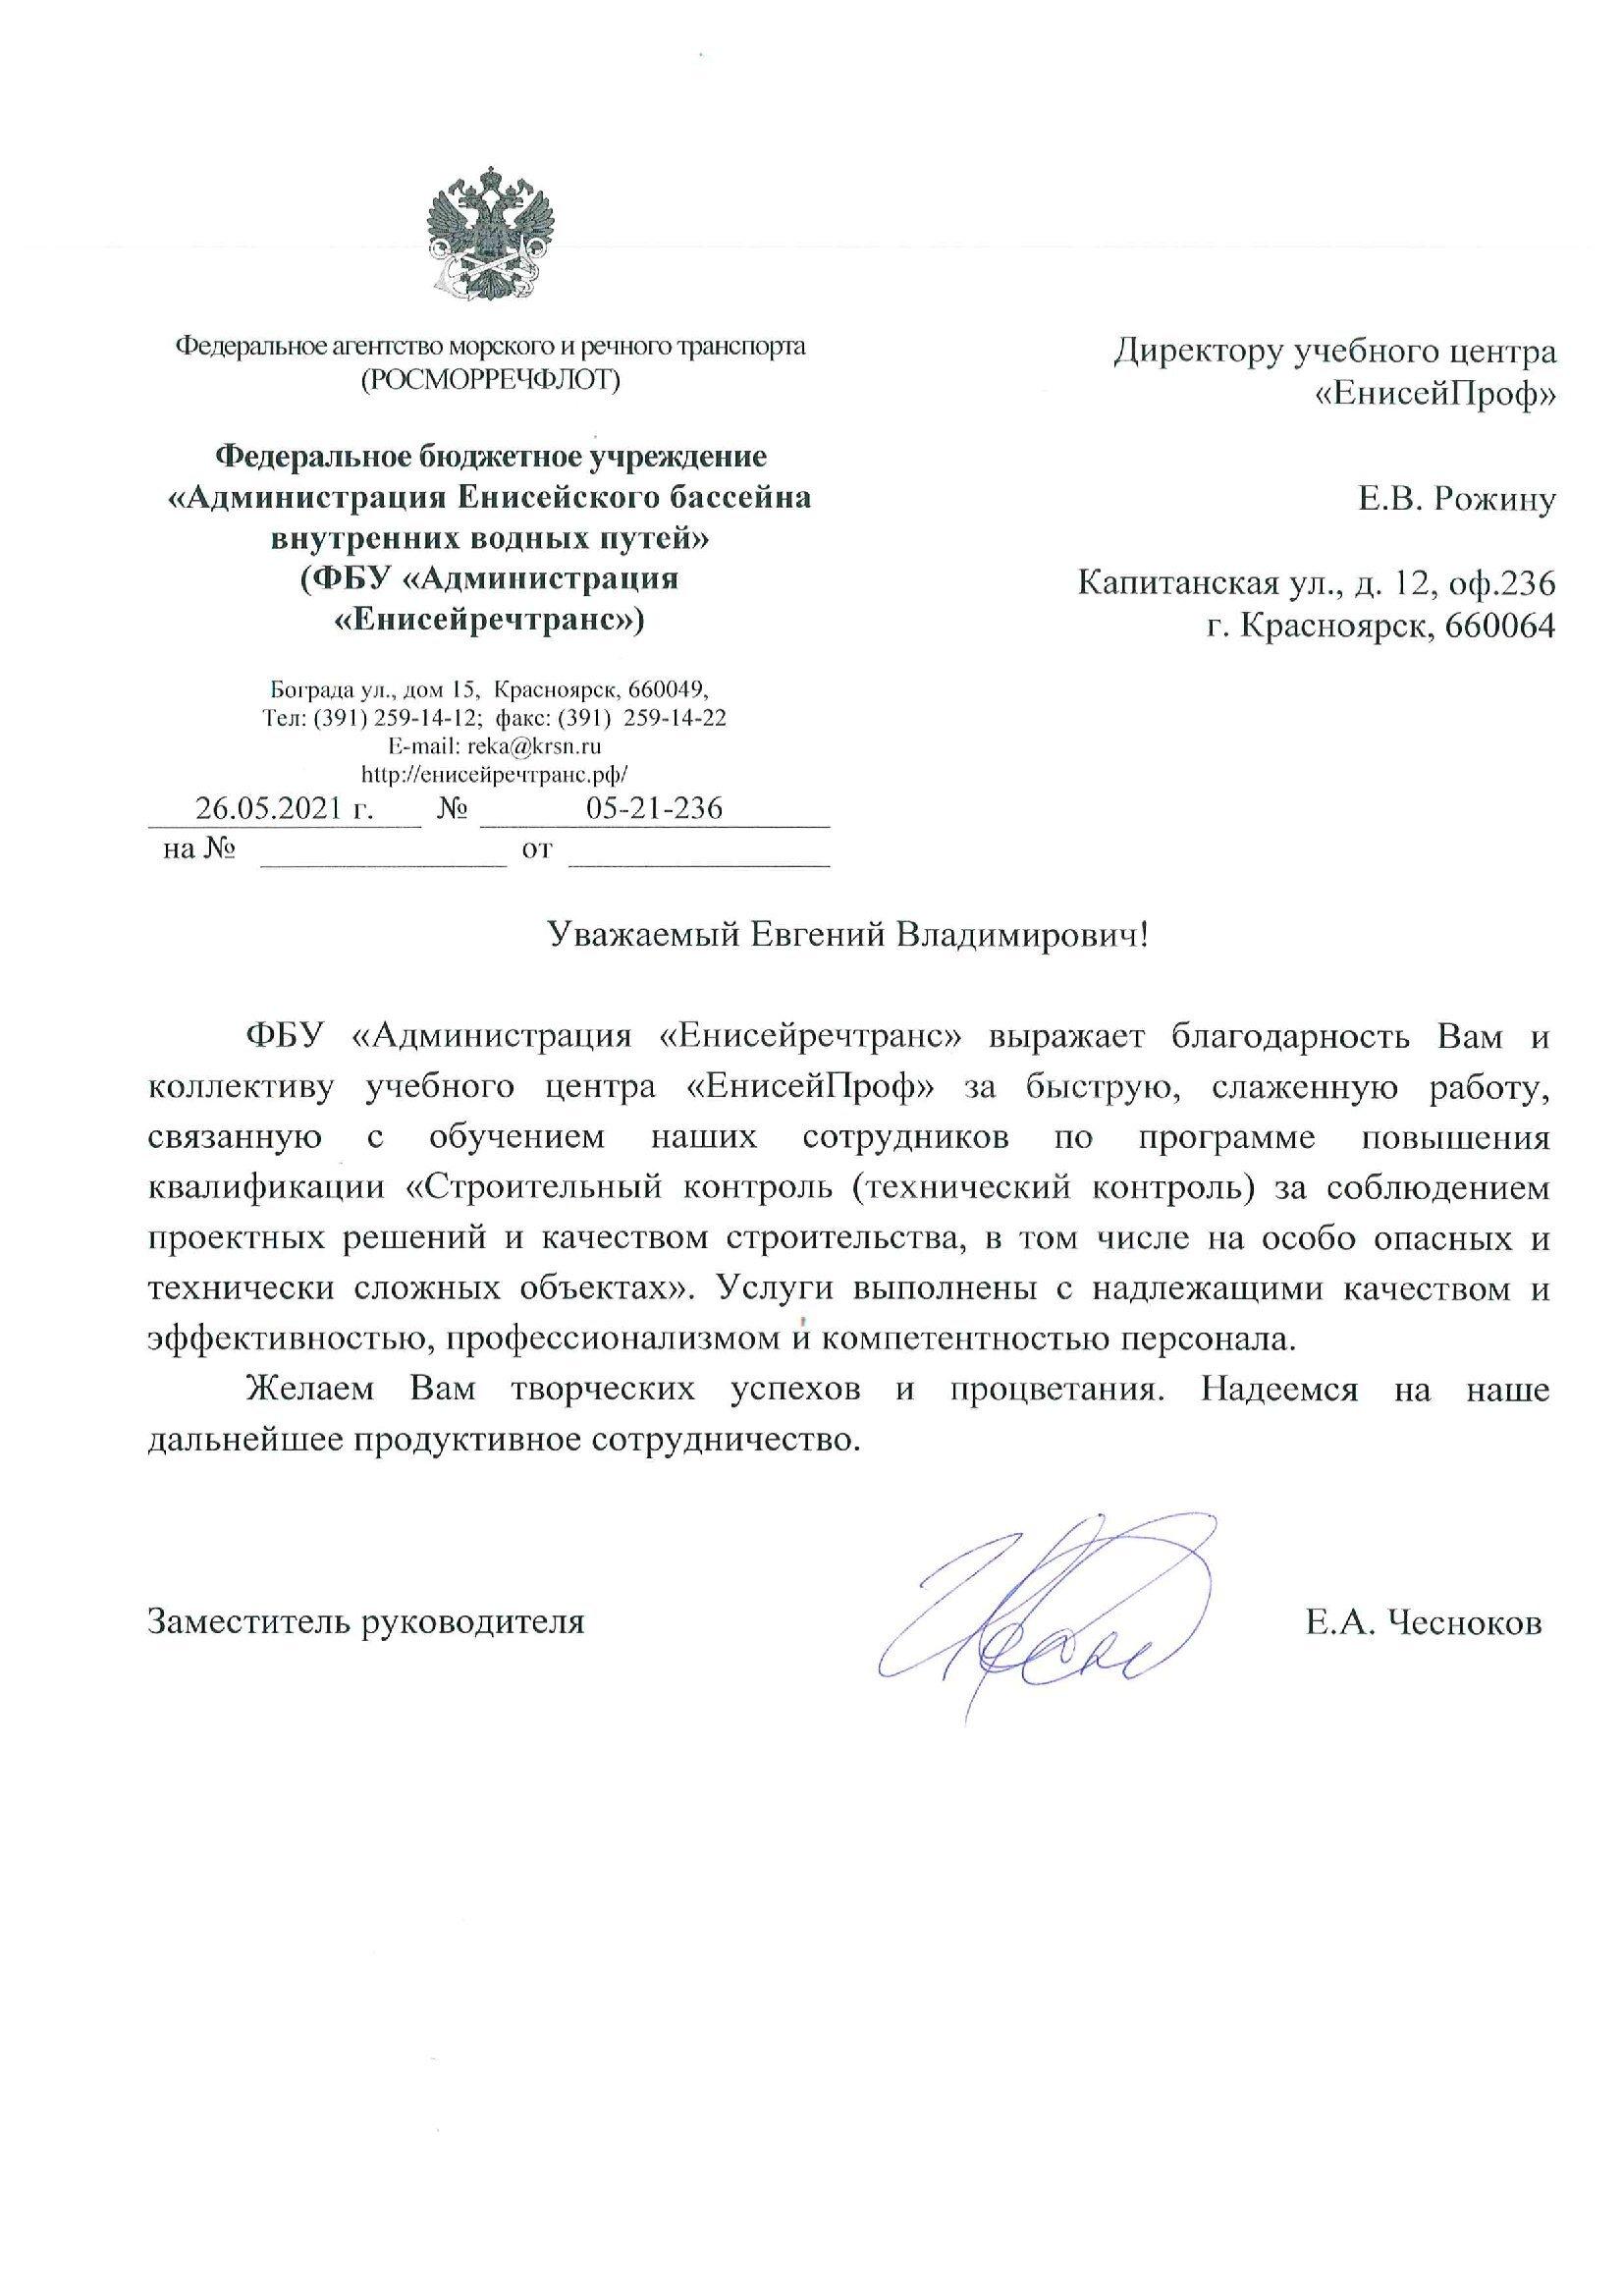 Е.А. Чесноков